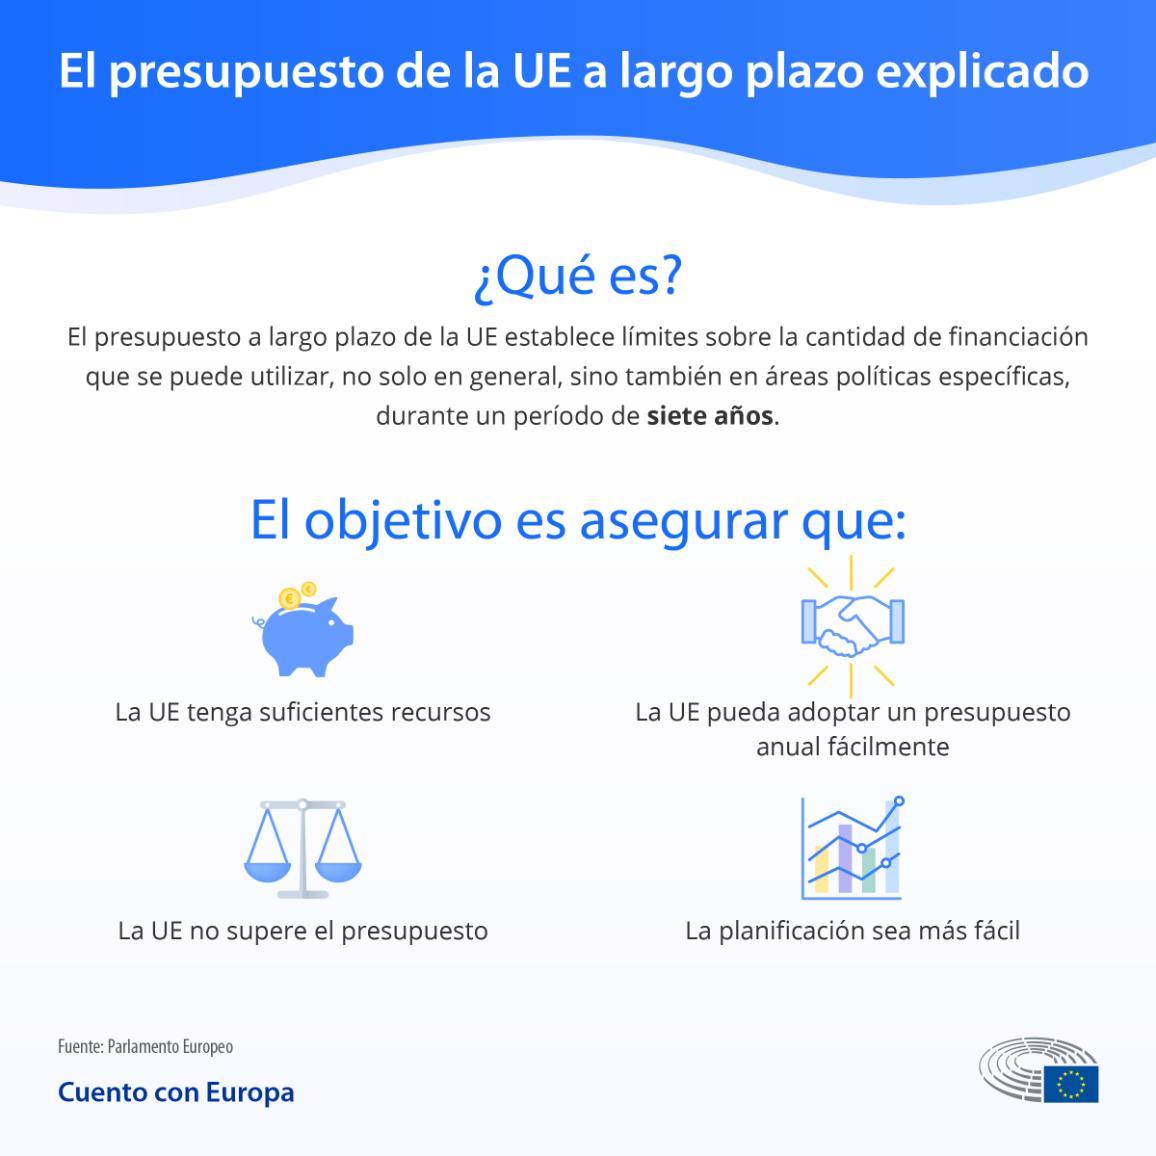 Infografía: qué es el presupuesto de la UE a largo plazo